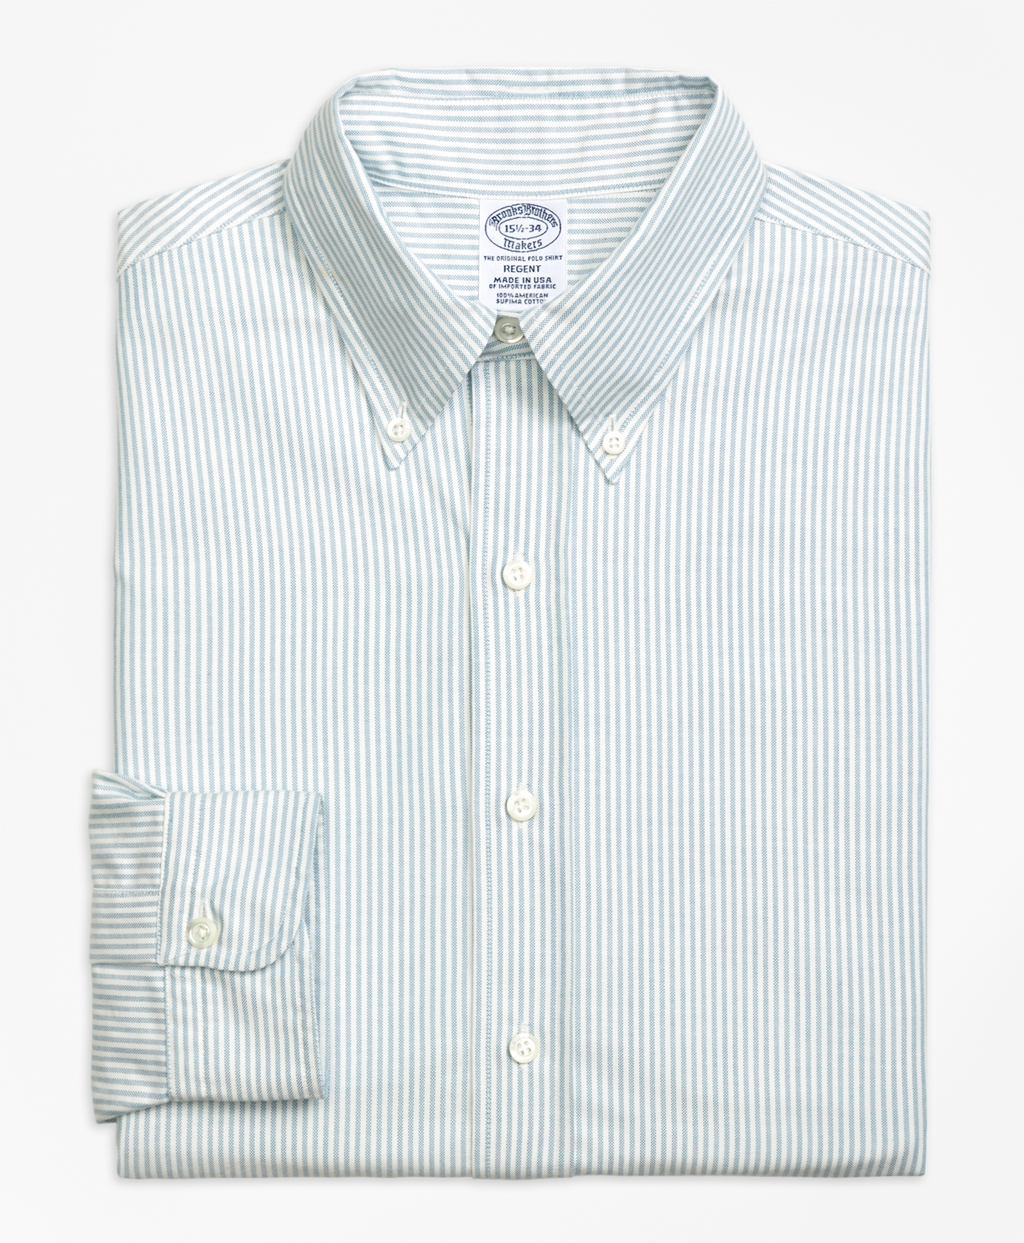 stripes, shirt, button up